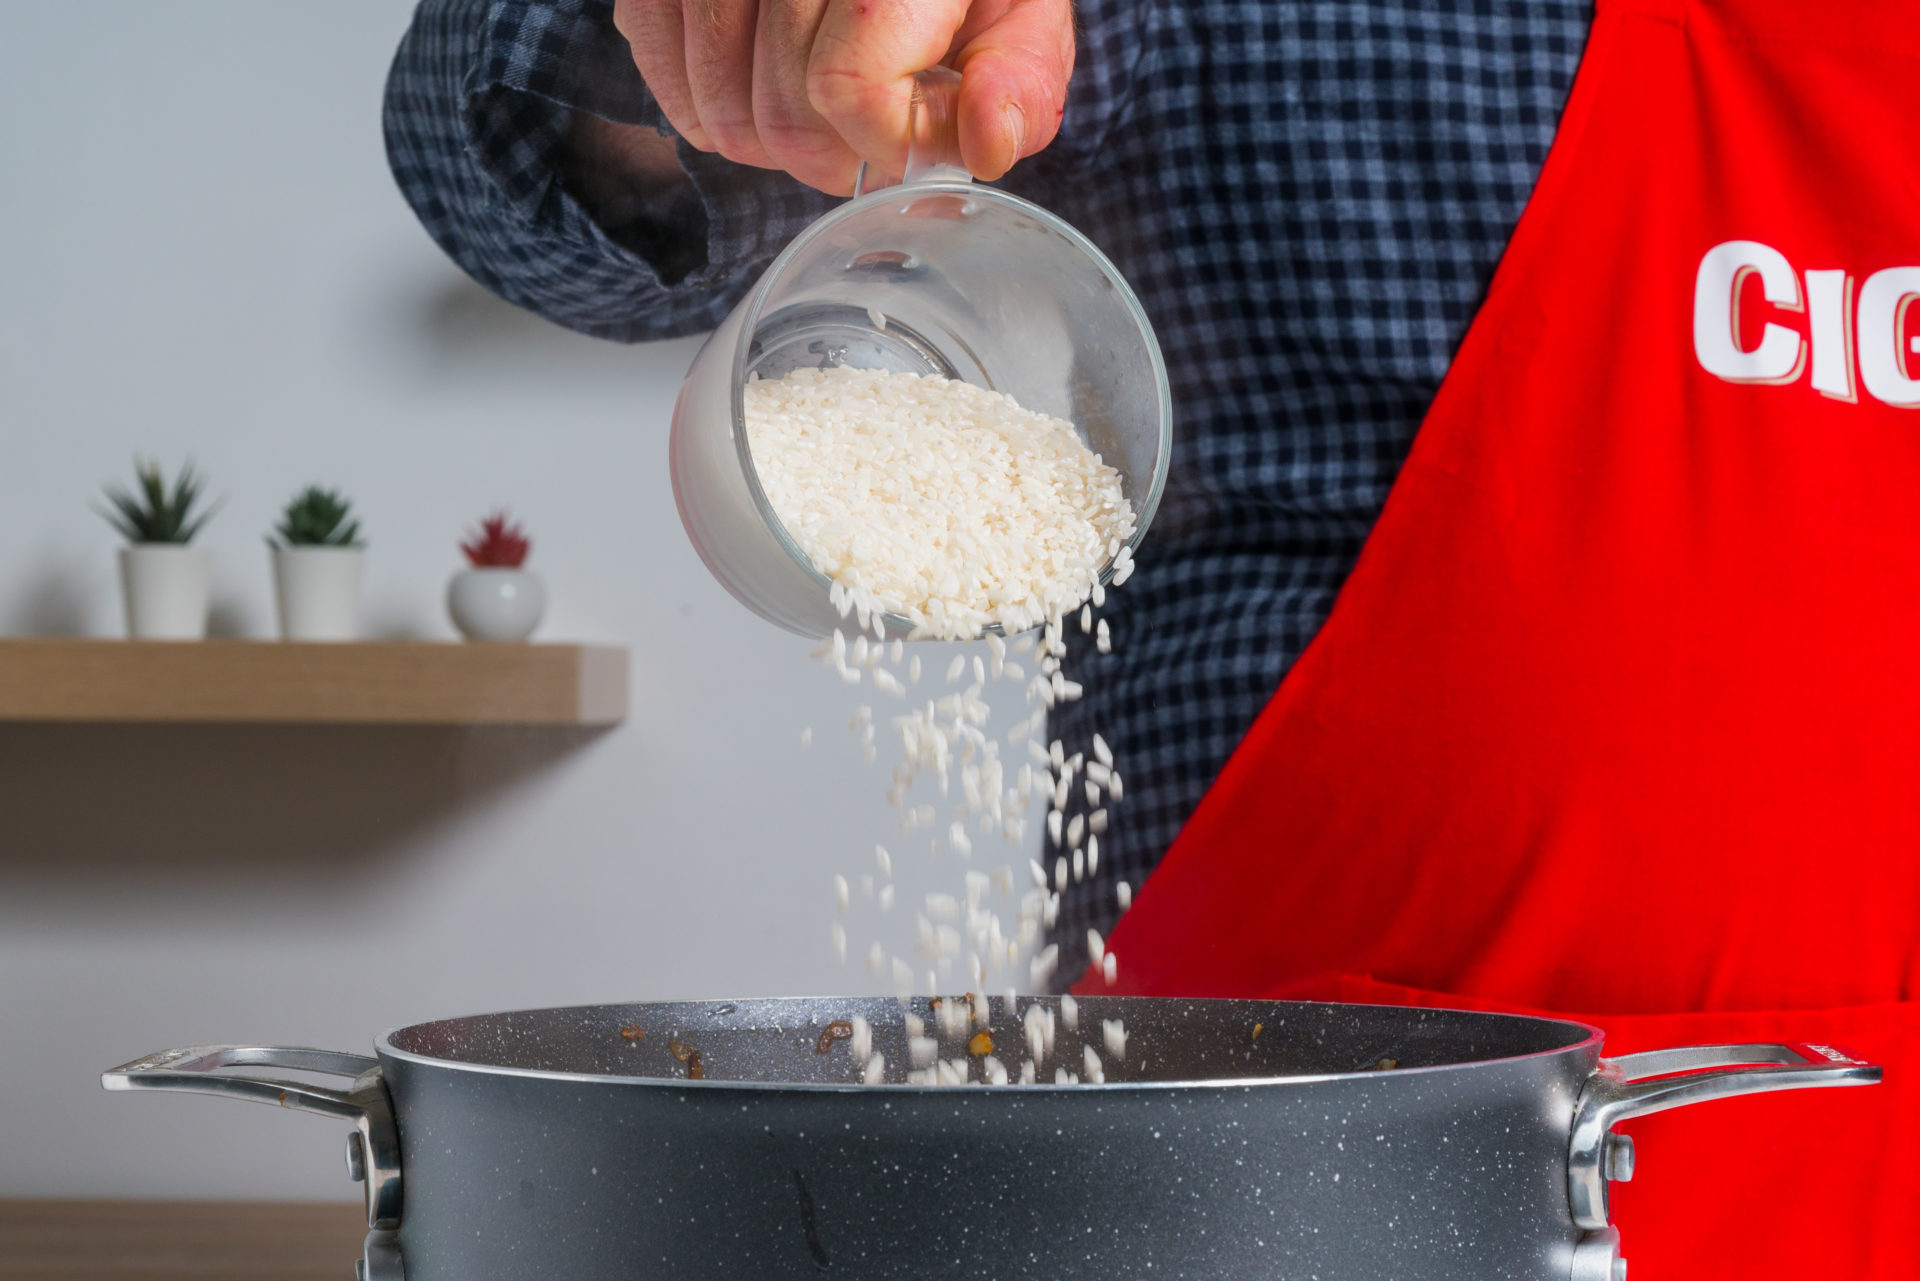 Adição de arroz ao tacho